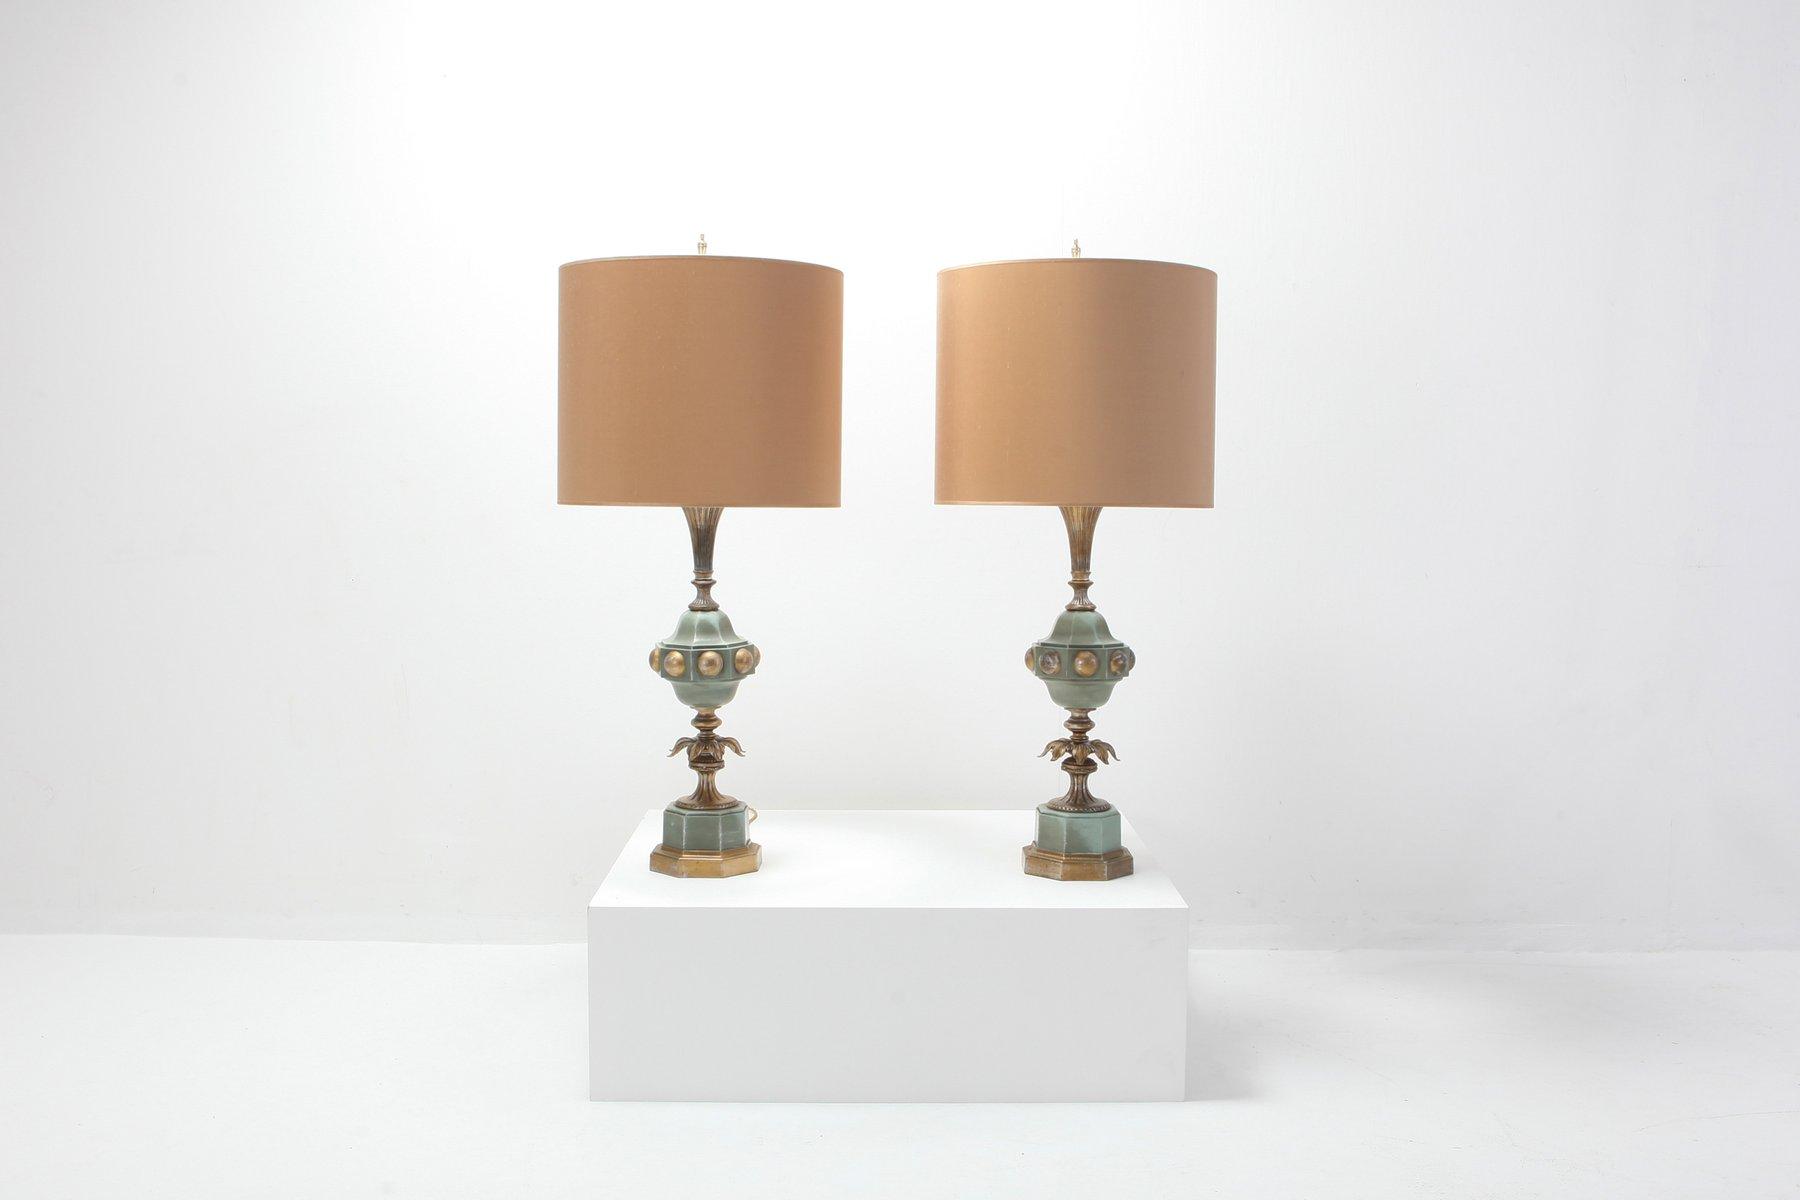 Hollywood Regency Tischlampen, 1950er, 2er Set